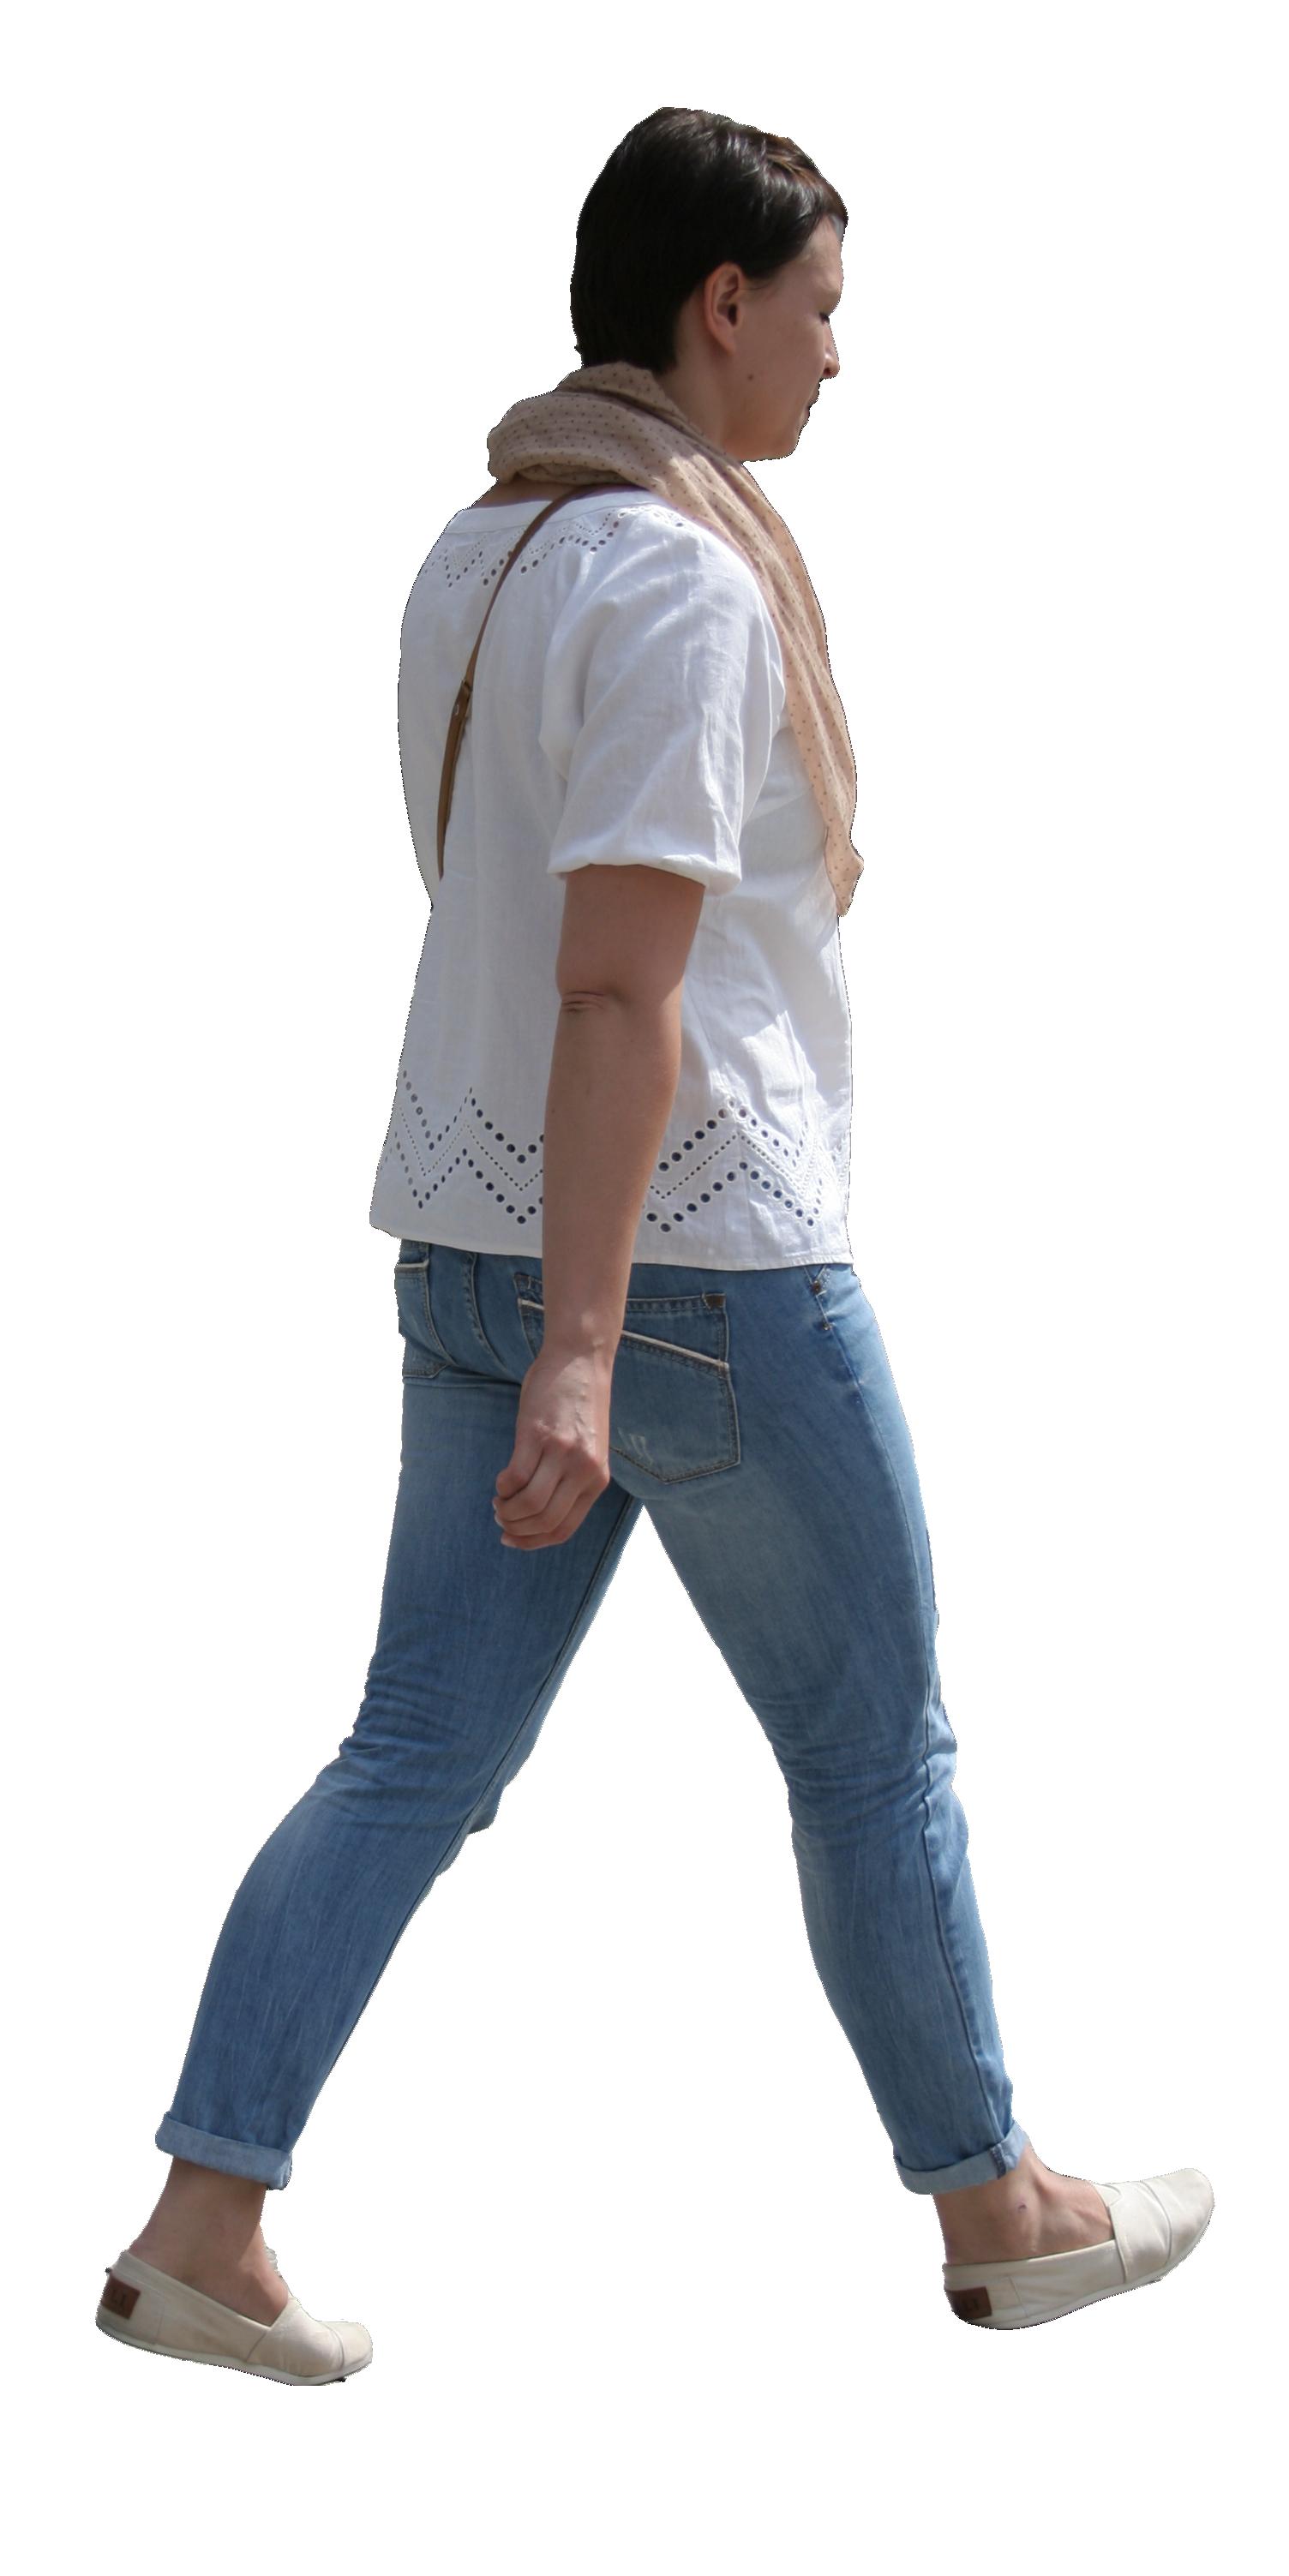 Walking women in white...